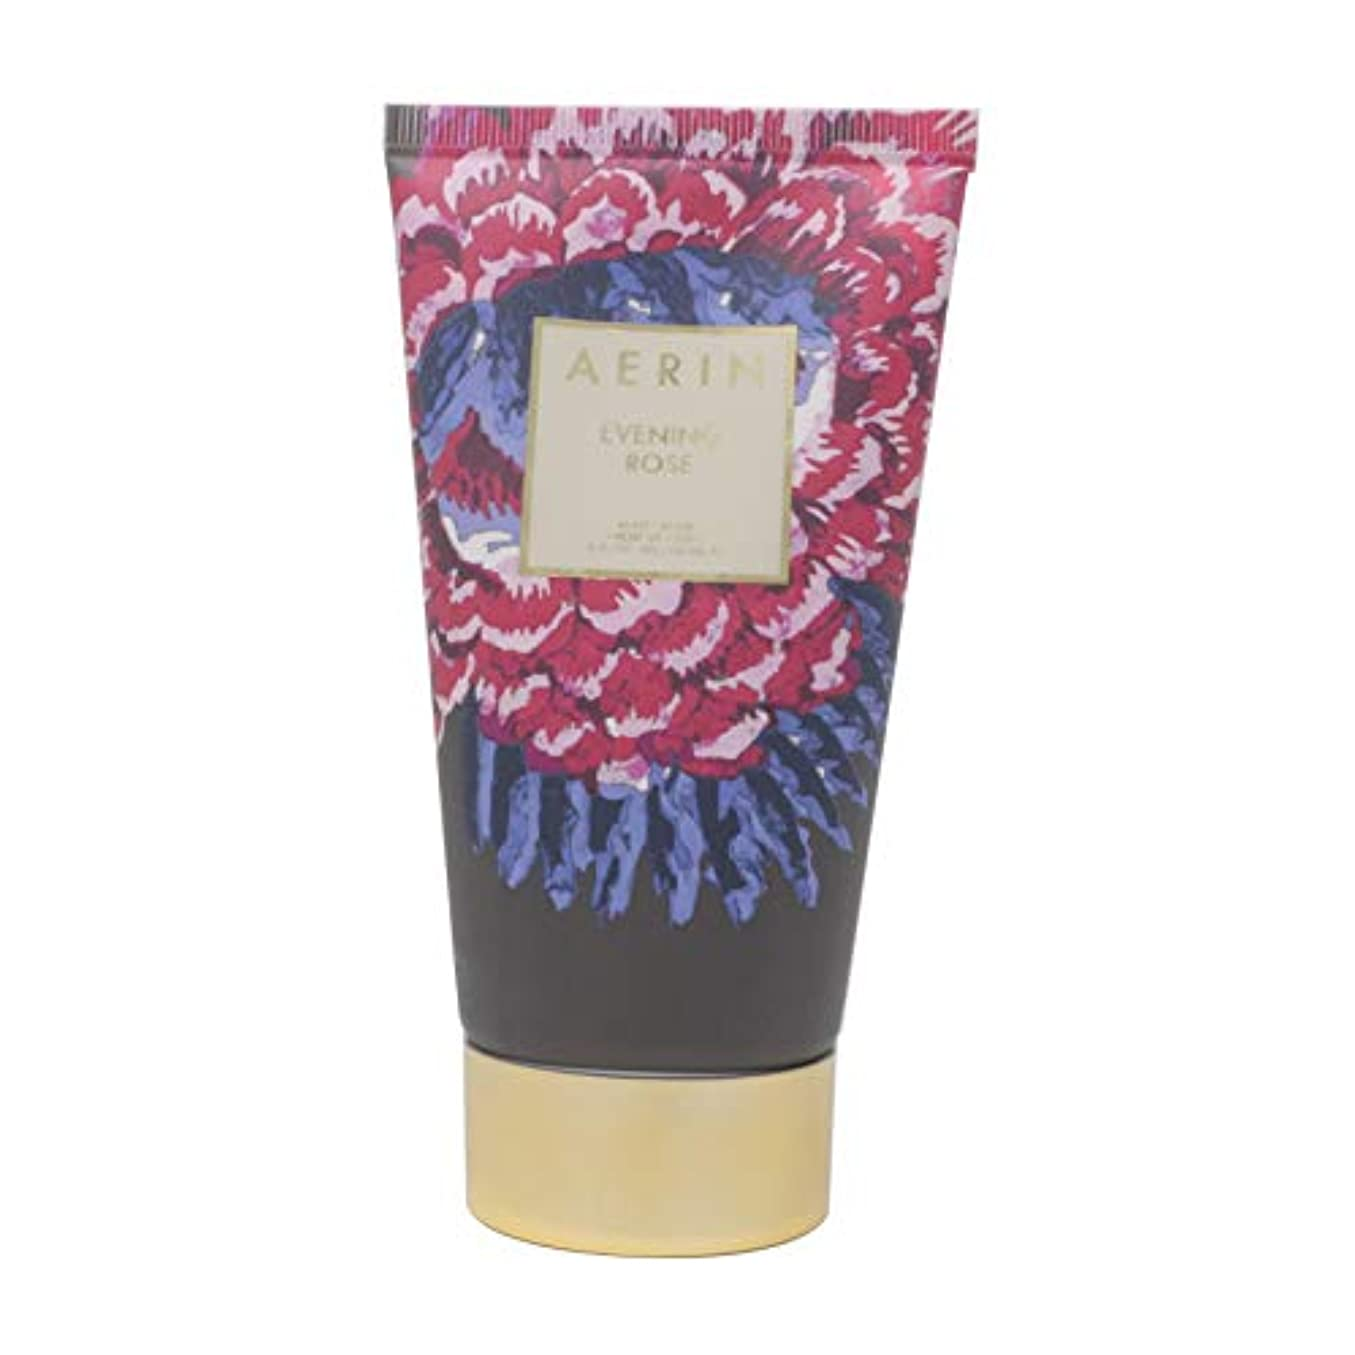 異なる命令マーティフィールディングAERIN 'Evening Rose' (アエリン イブニング ローズ) 5.0 oz (150ml) Body Cream ボディークリーム by Estee Lauder for Women